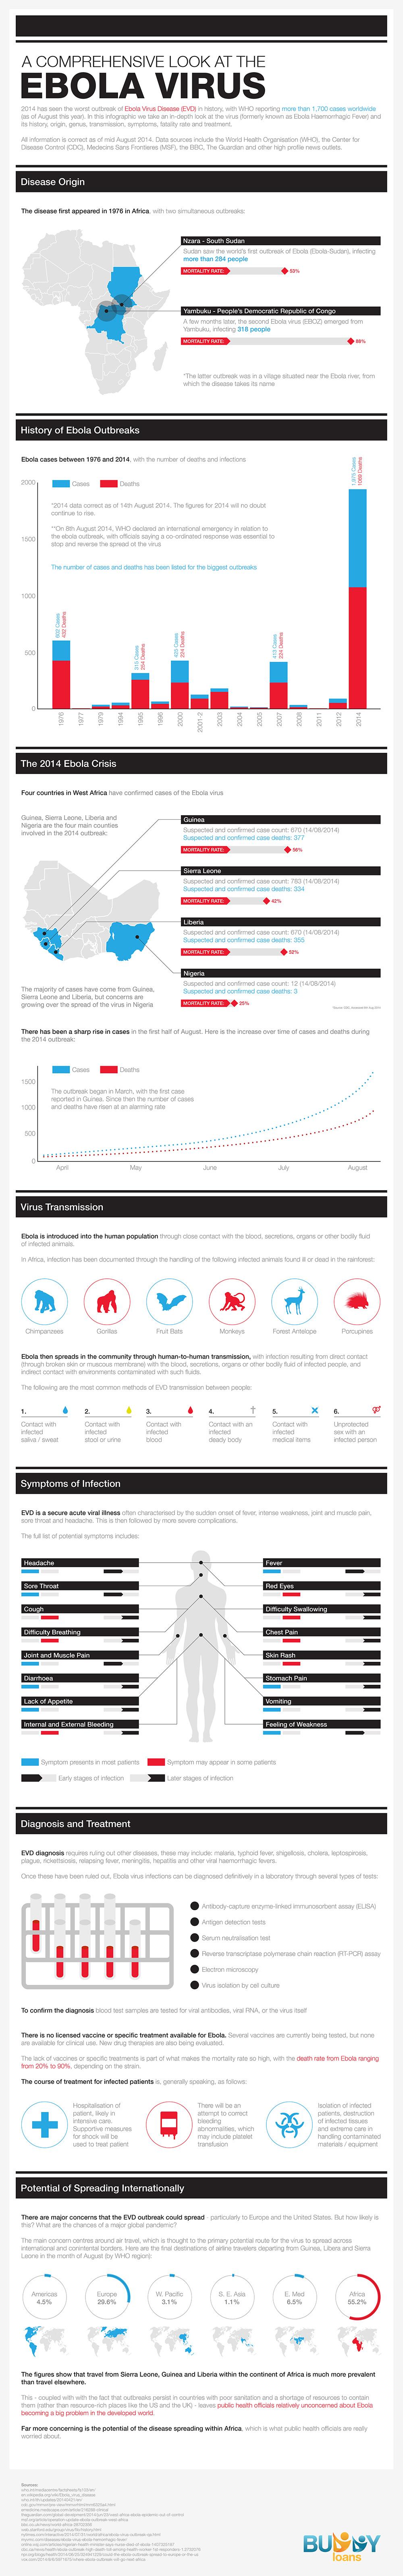 a-comprehensive-look-at-the-ebola-virus_53fc8ed785fa3